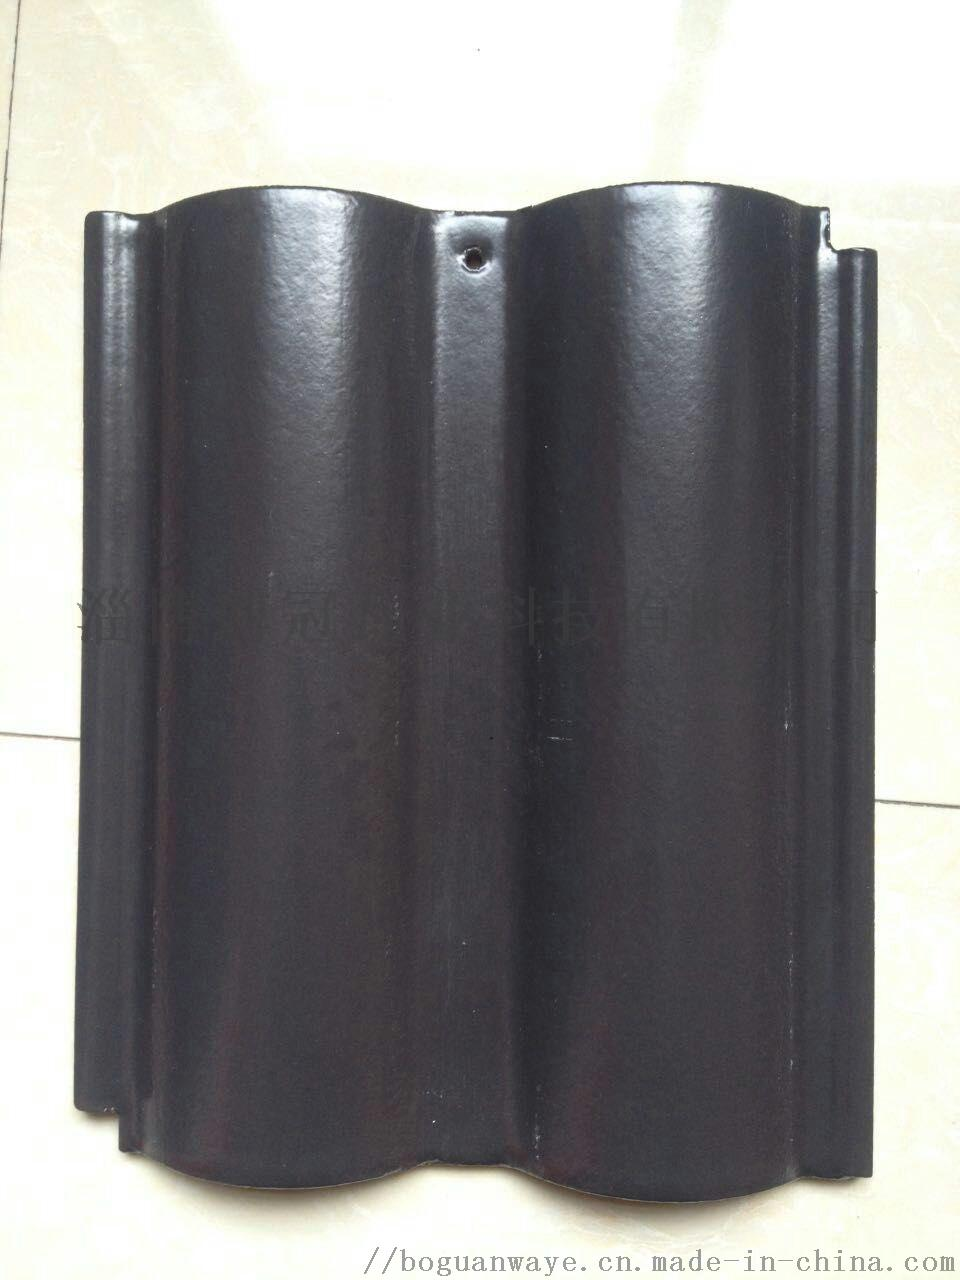 陶瓷釉面彩瓦 立瓦 单波瓦厂家 加工一件起批59965512